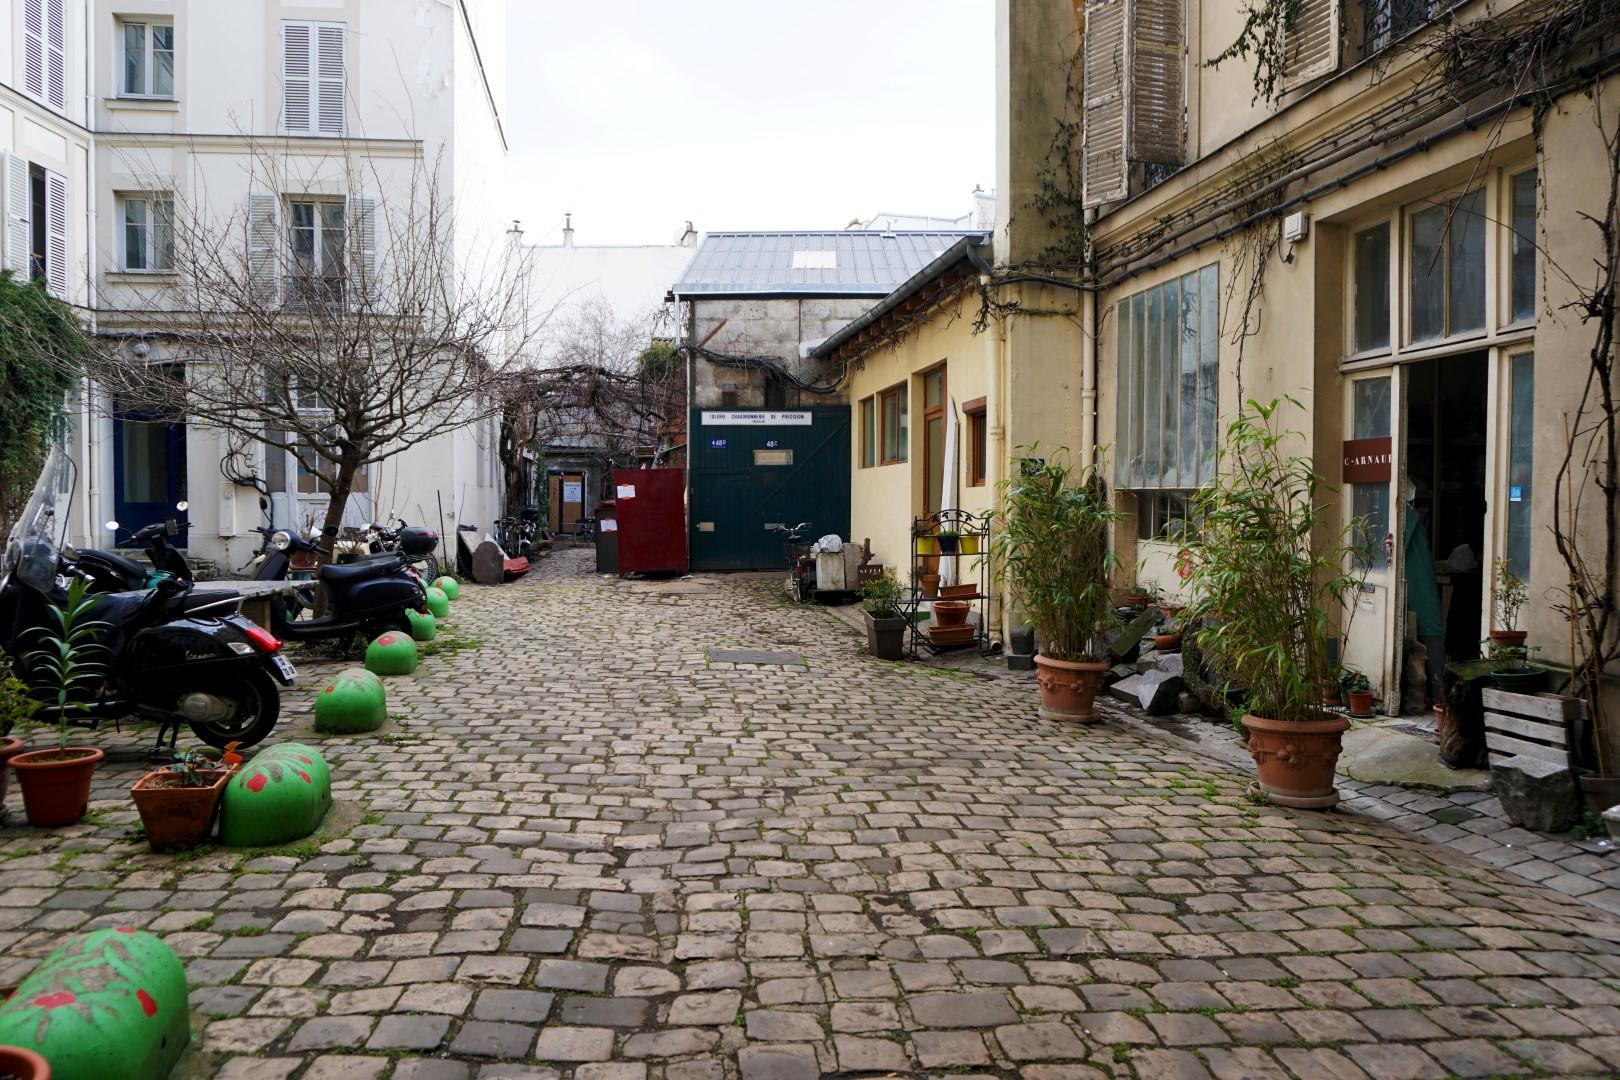 Balade le long de la rue de Belleville - Cours cachées - Rue Ramponeau